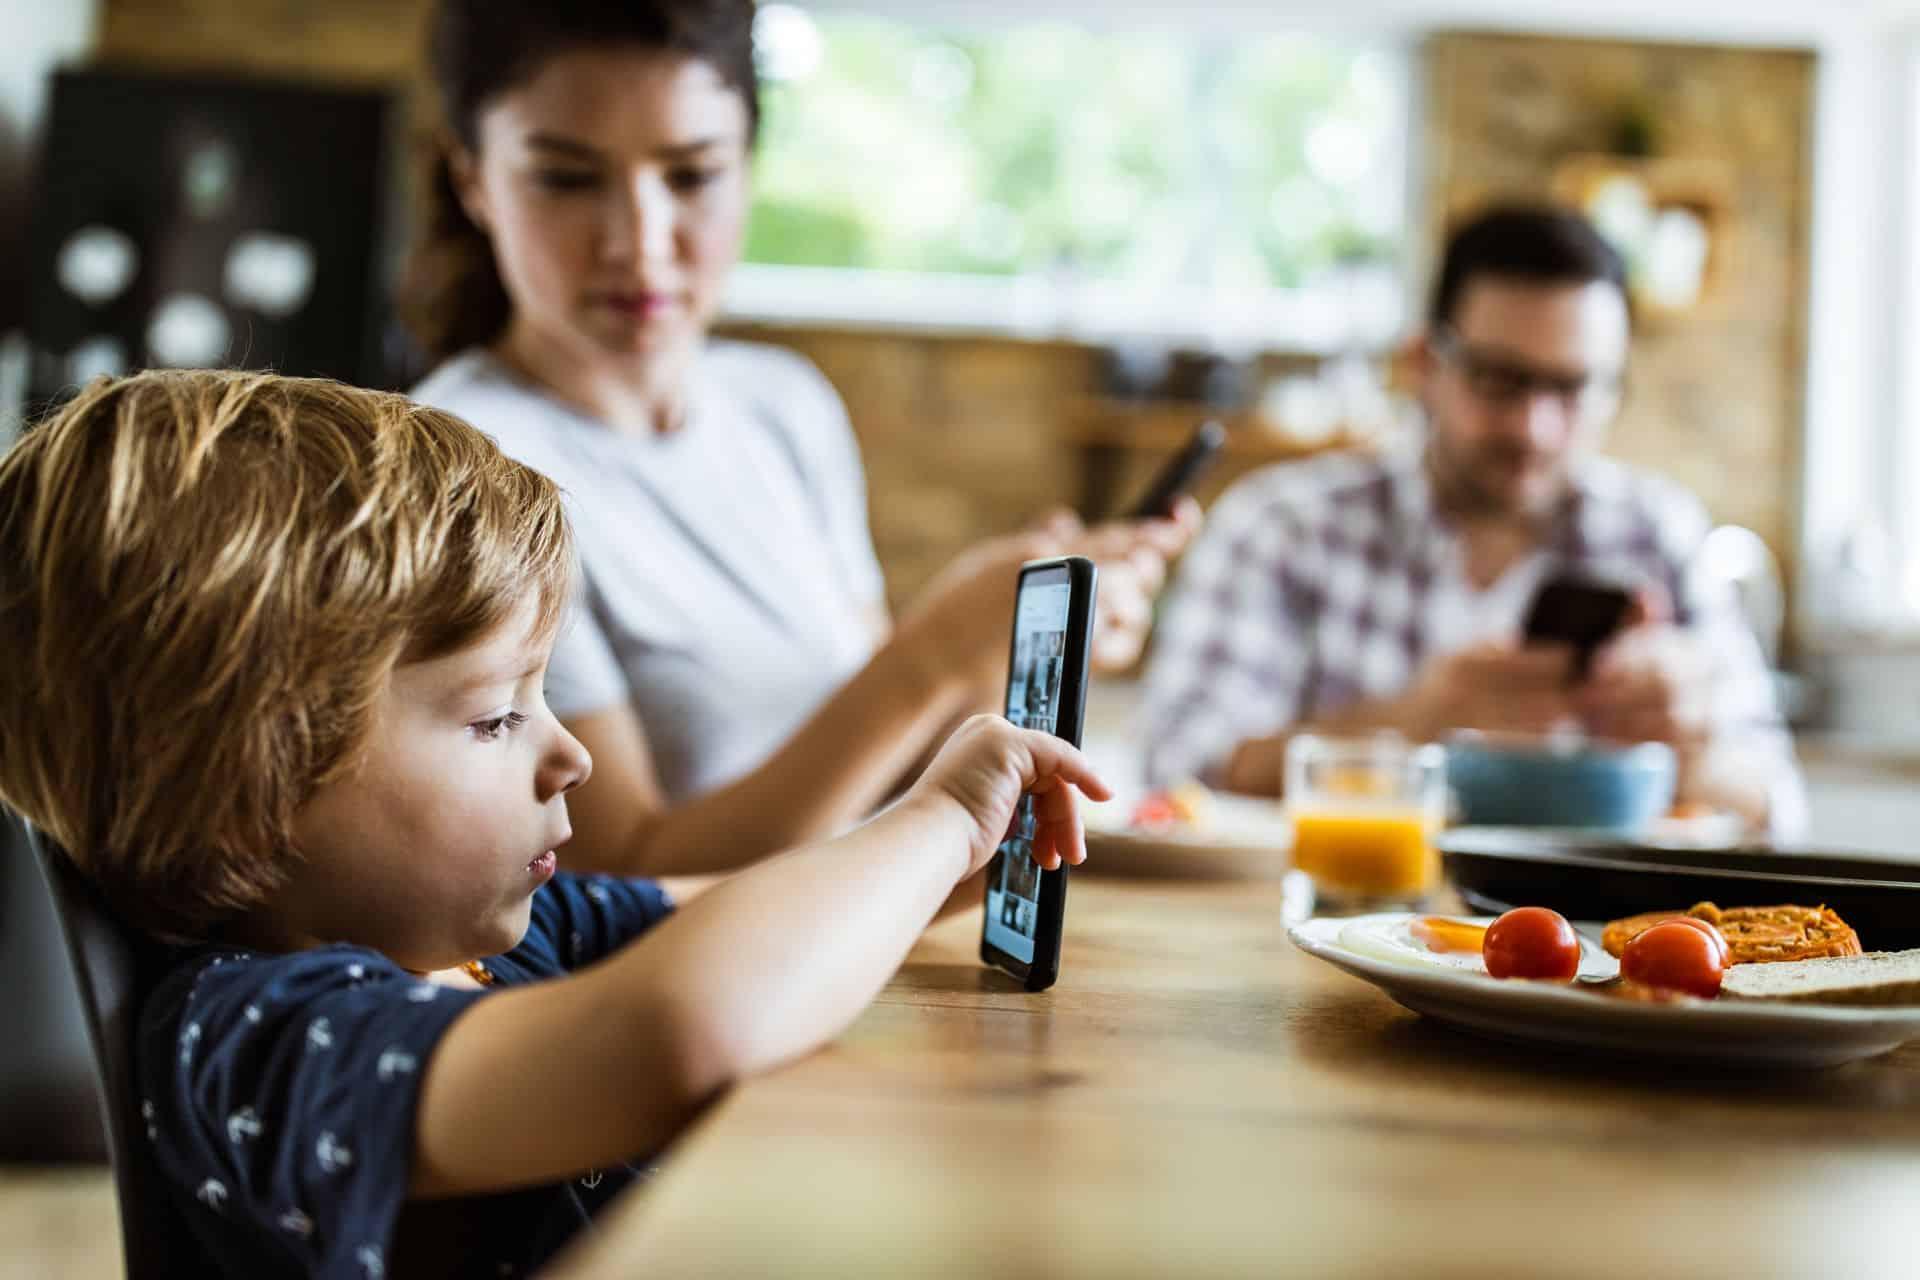 Schermtijd tijdens het eten: mogen jonge kinderen aan tafel op hun scherm spelen?